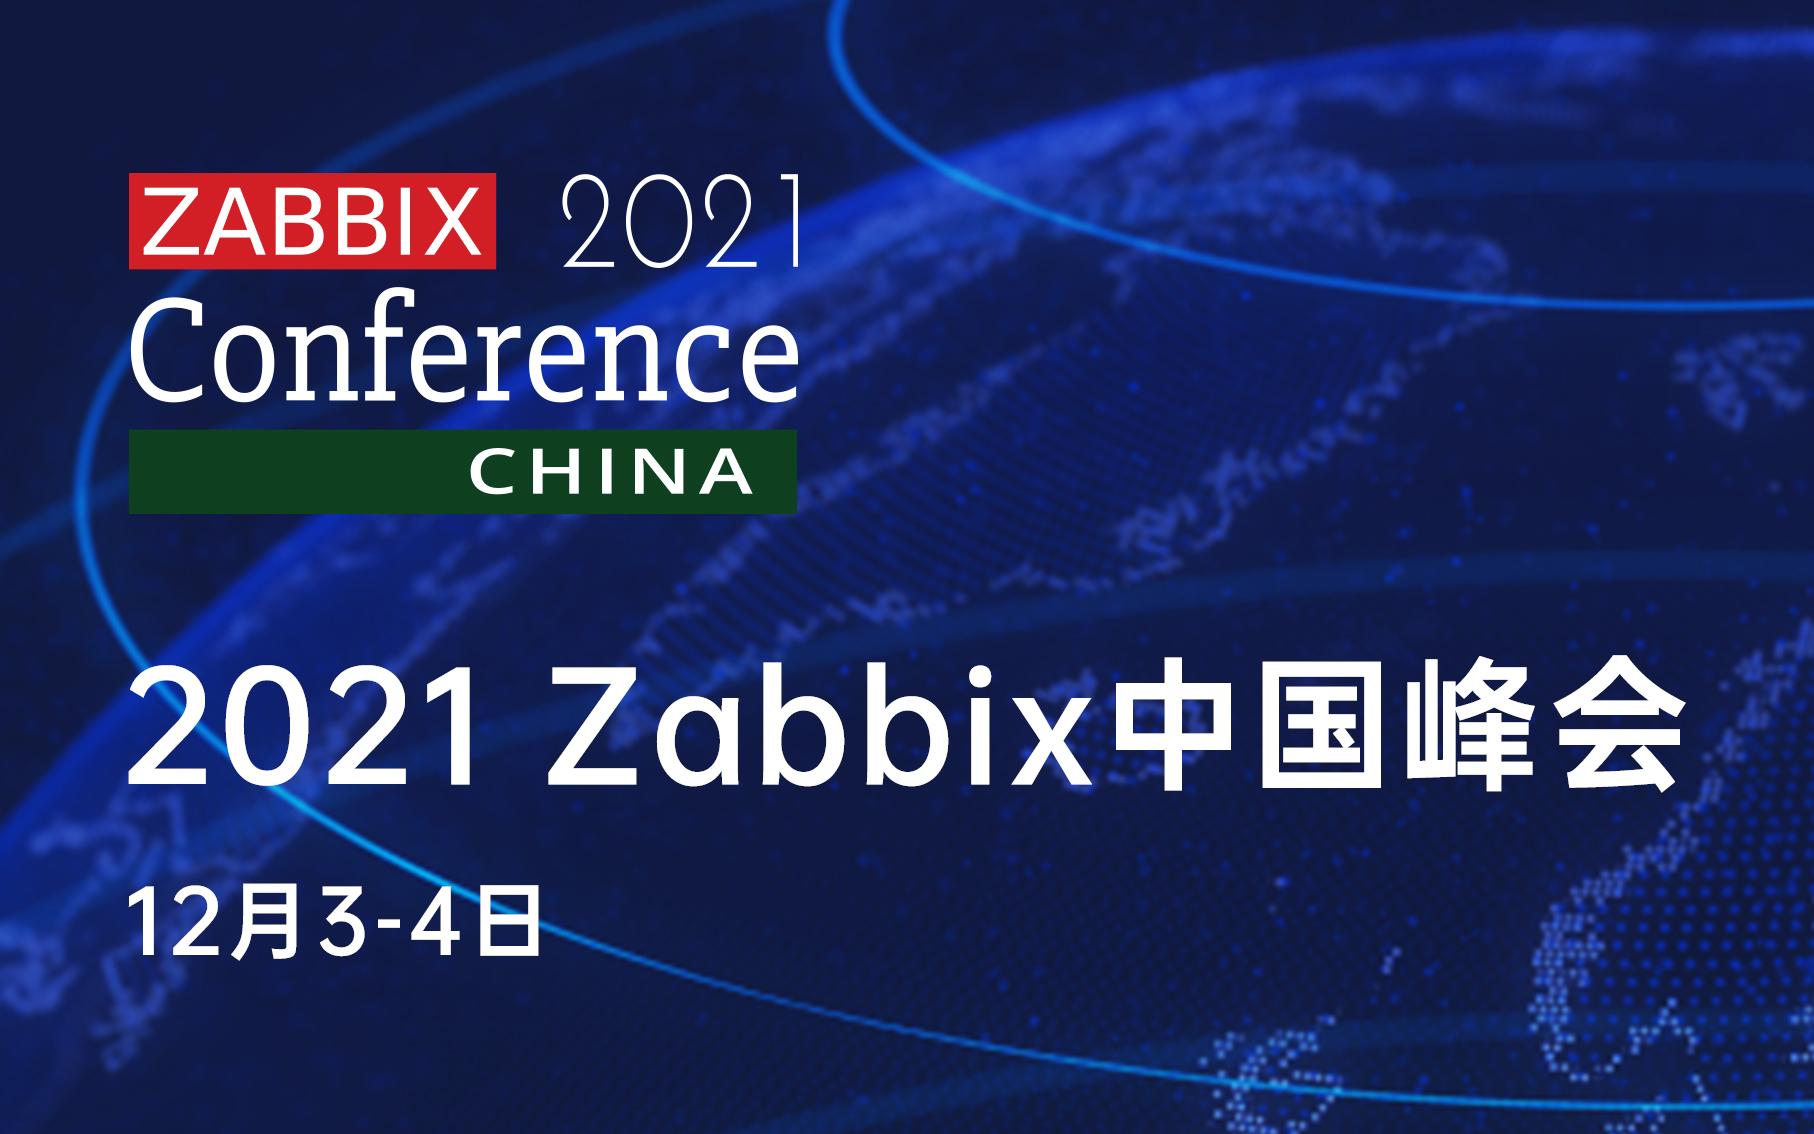 2021第六届Zabbix中国峰会